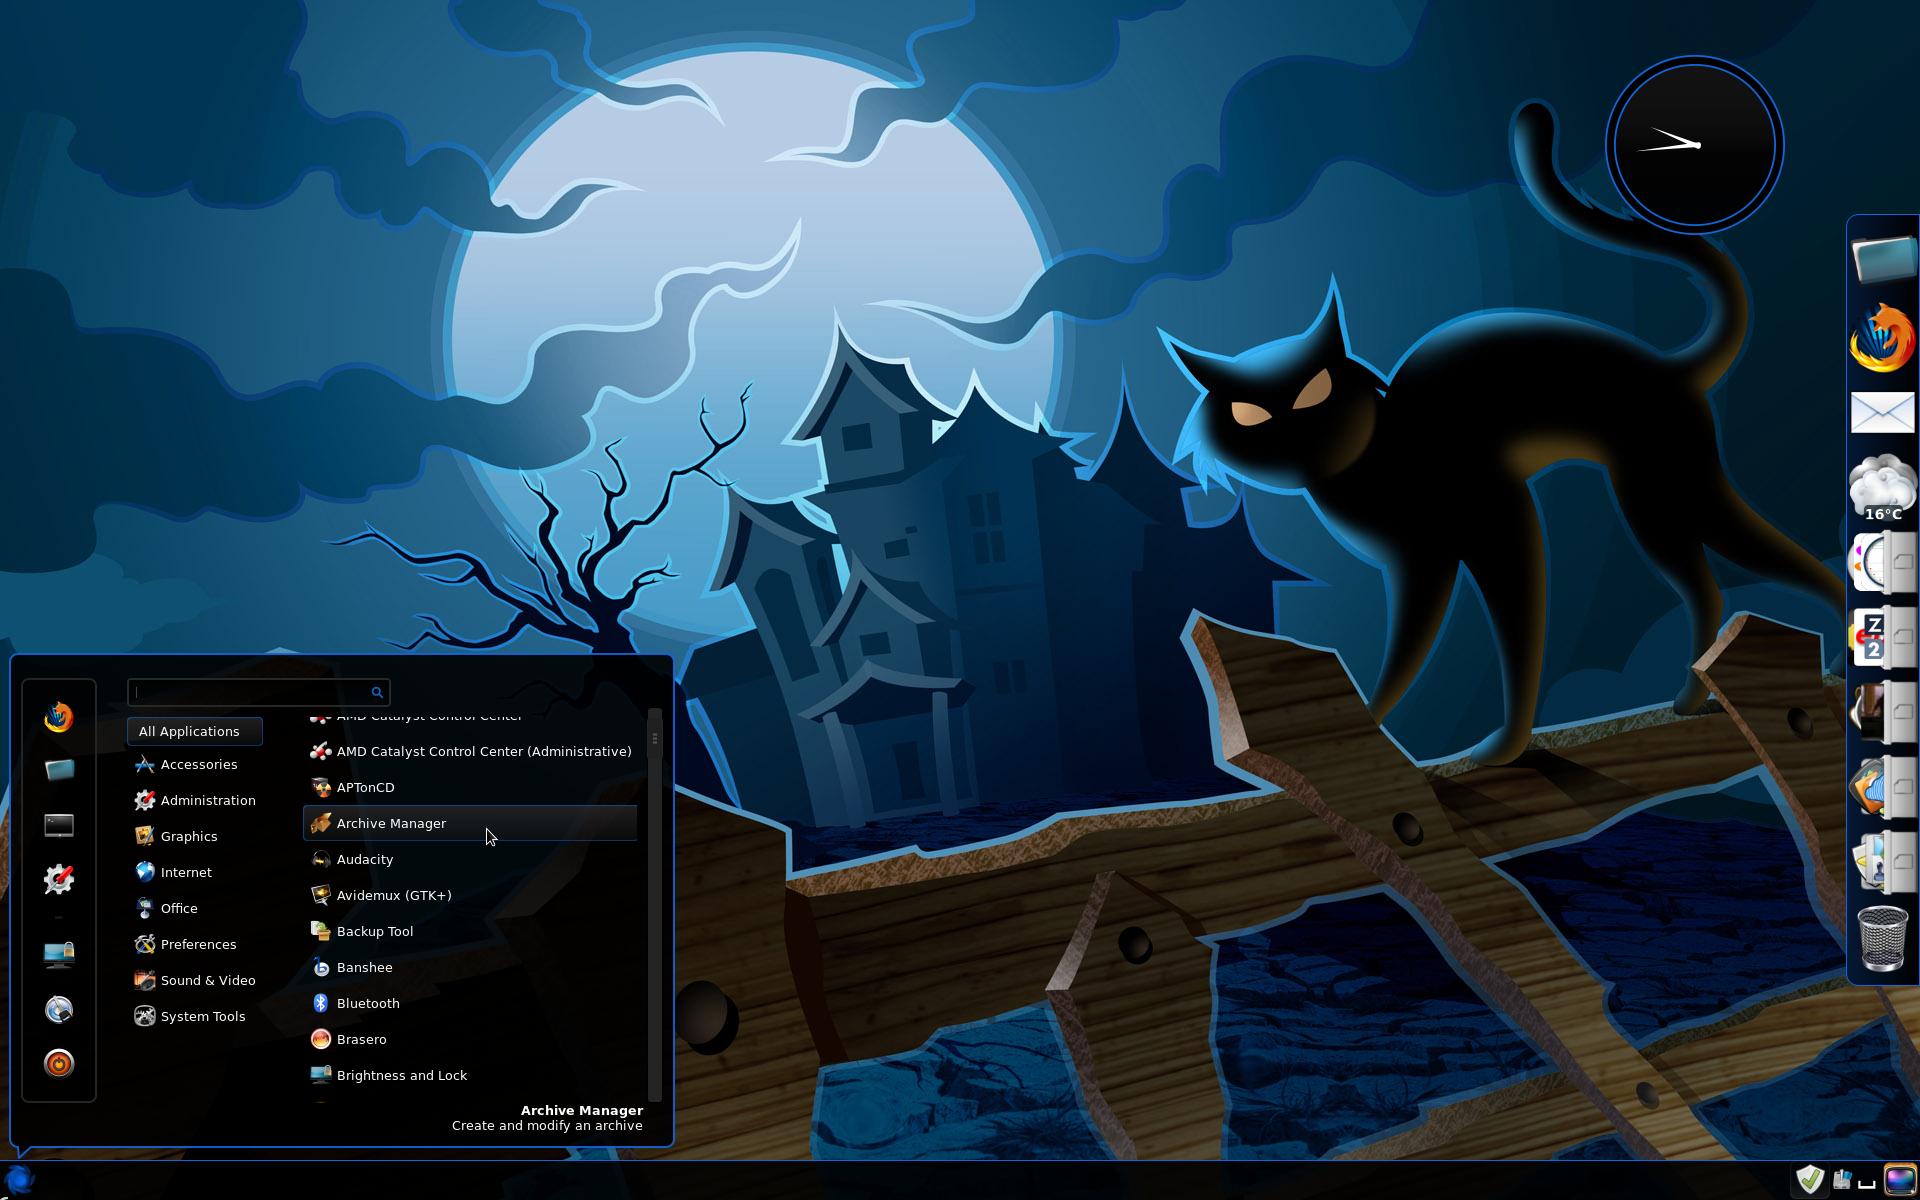 Linux Mint 13 LTS Desktop Halloween 2013 by roj